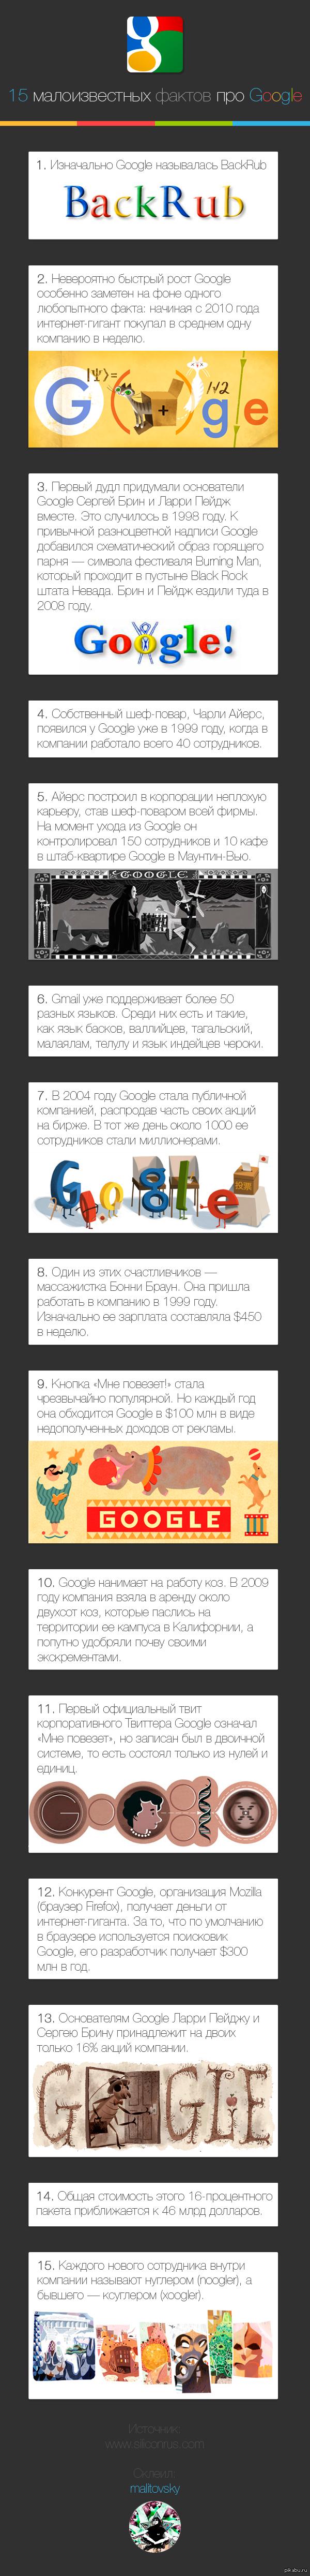 http://s.pikabu.ru/post_img/2013/09/11/9/1378907983_891403364.png